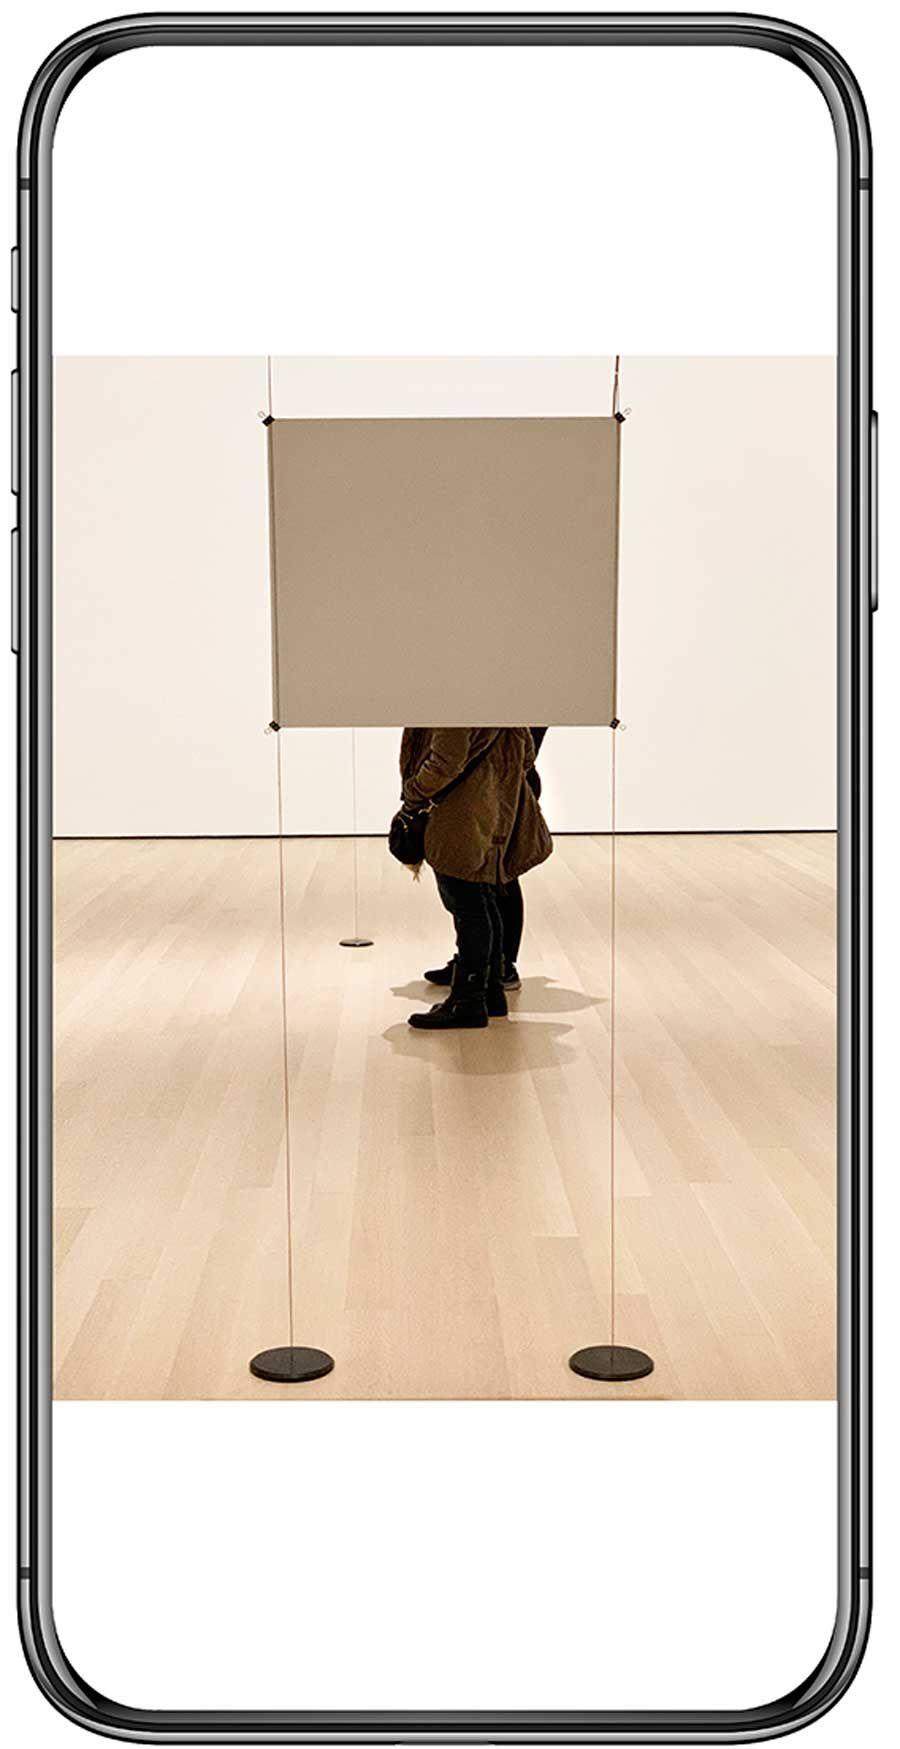 Aldo Sessa. Mi tercer ojo. Muestra de fotografías tomadas con la cámara del teléfono celular.